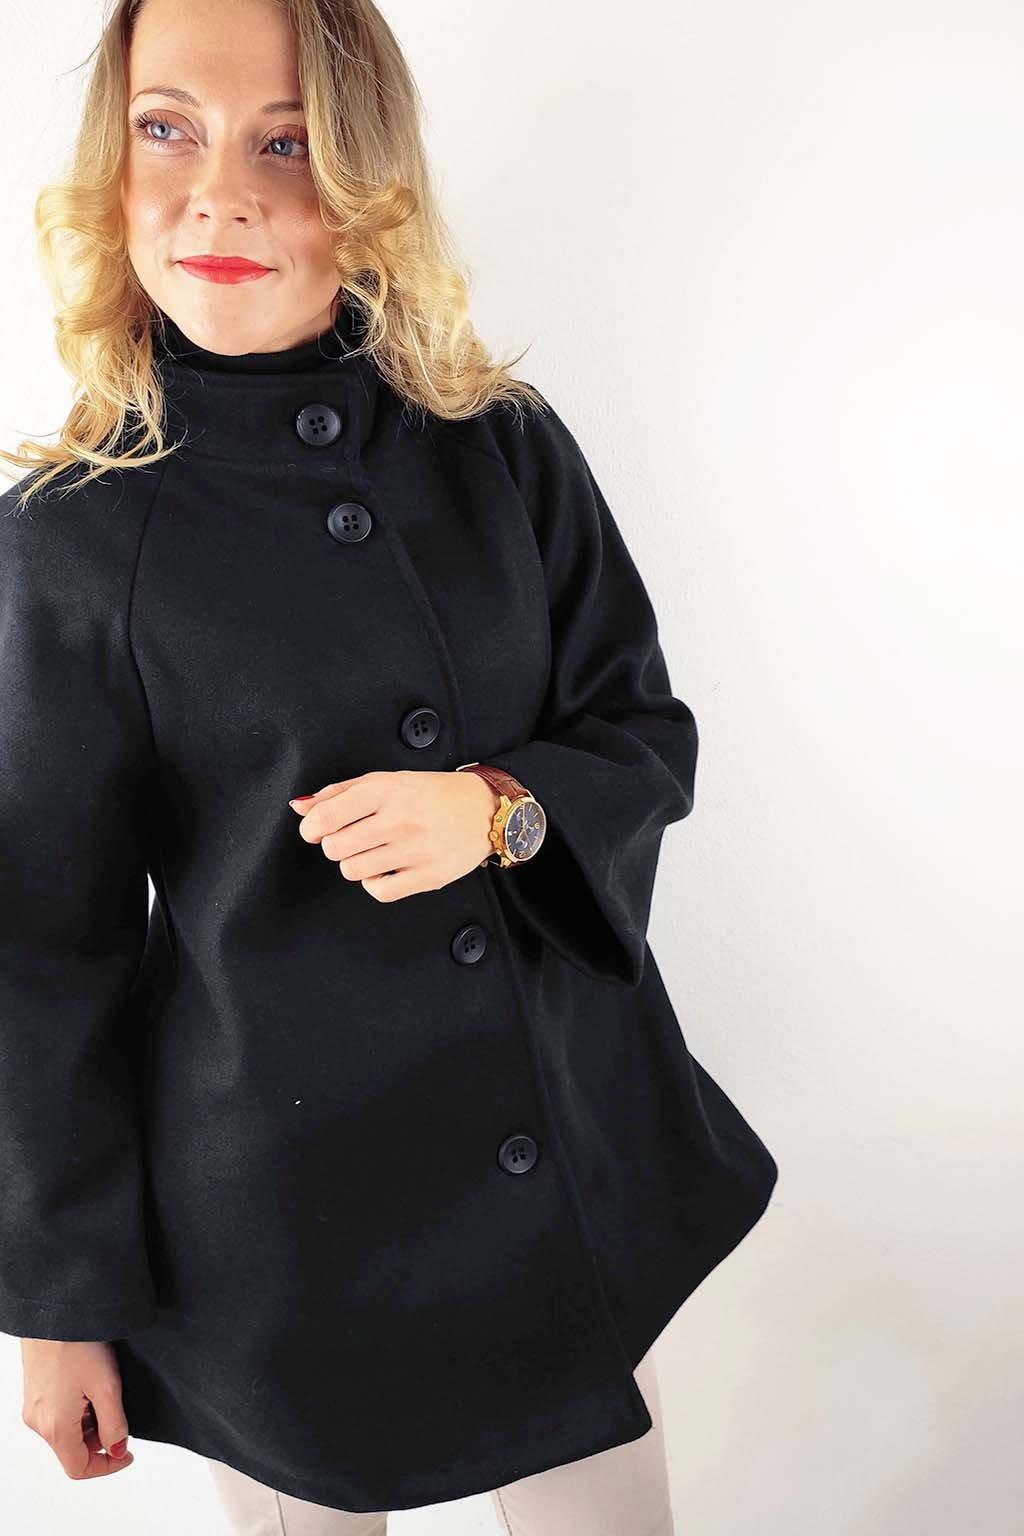 Černý dámský kabát s knoflíky